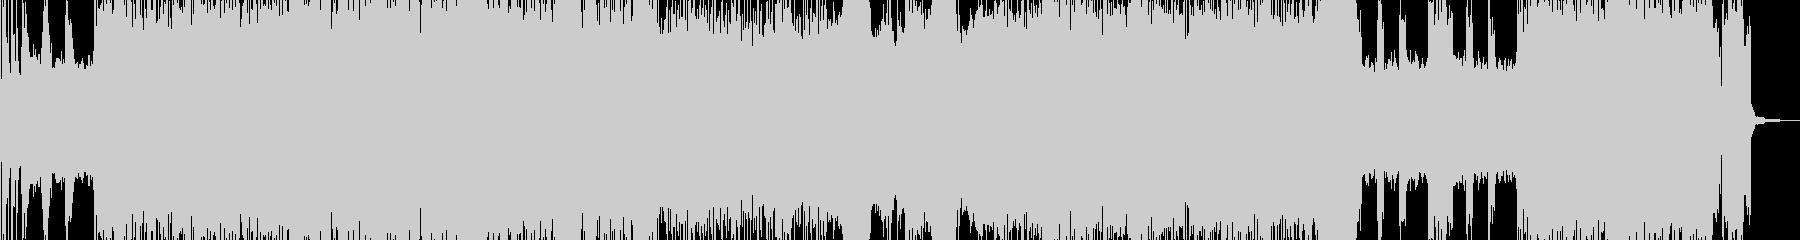 トレモロリフが印象的な激しいメタルの未再生の波形